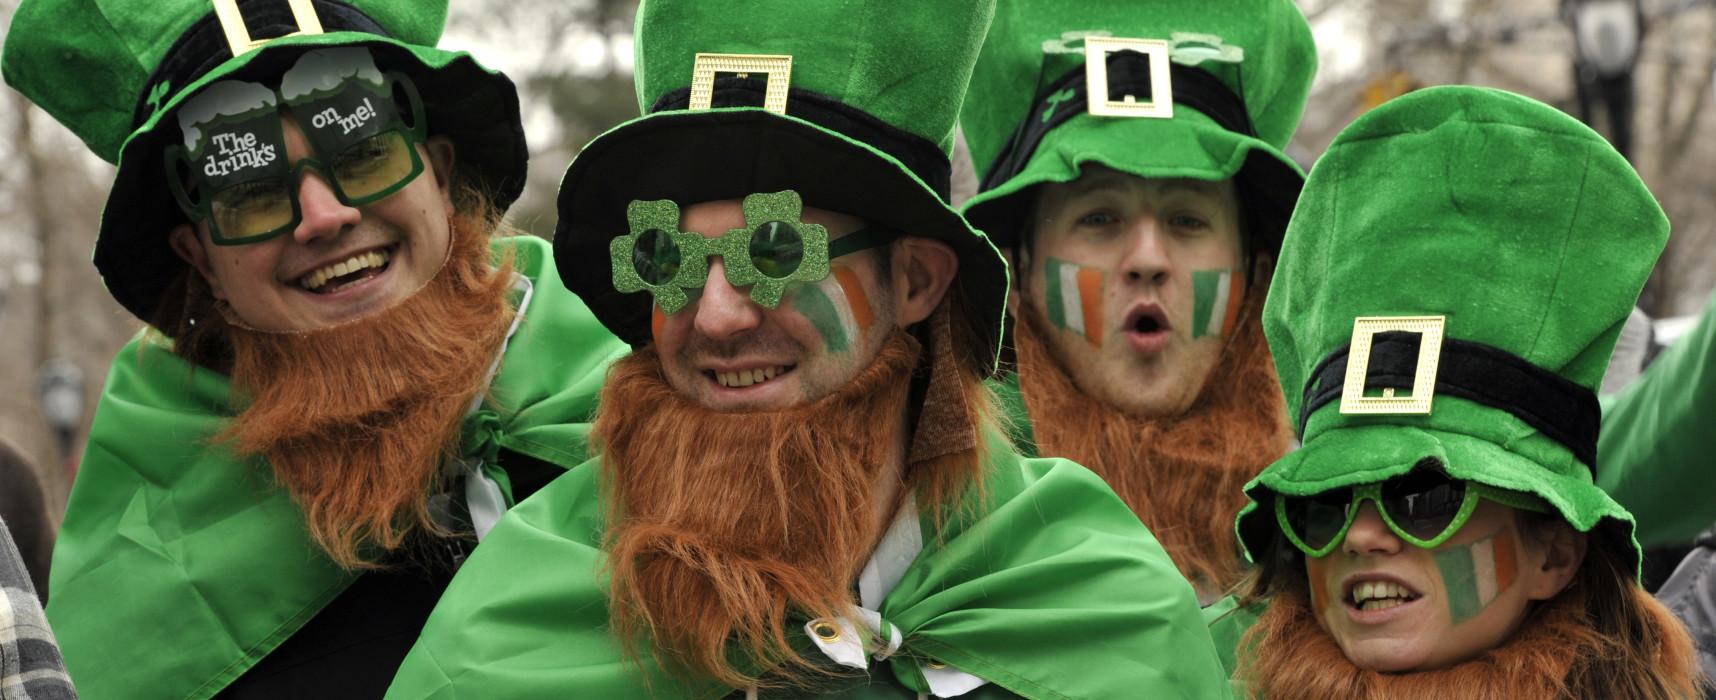 L'Irlanda arriva ad Arezzo con il primo St. Patrick's Day